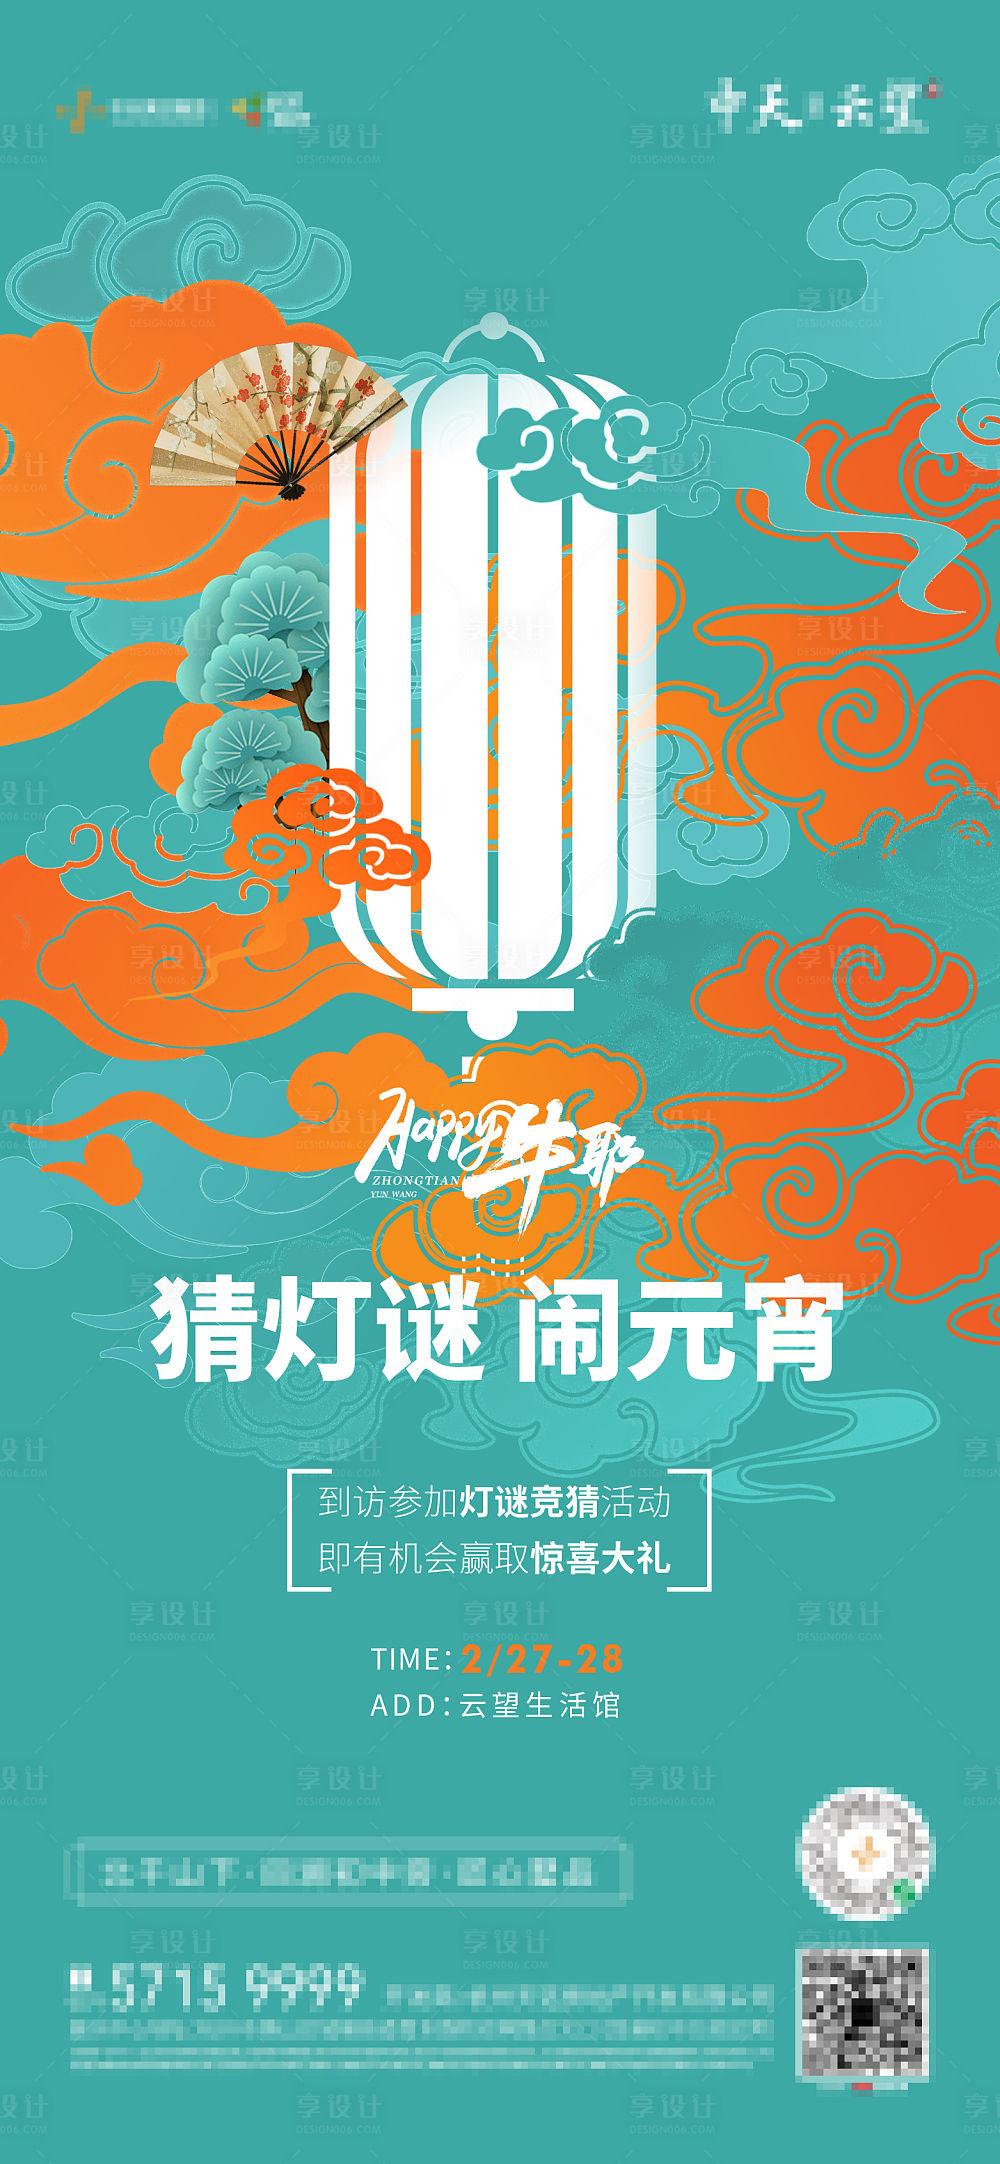 【源文件下载】 海报 房地产 中国传统节日 元宵节 灯笼 国潮 灯笼 祥云设计作品 设计图集